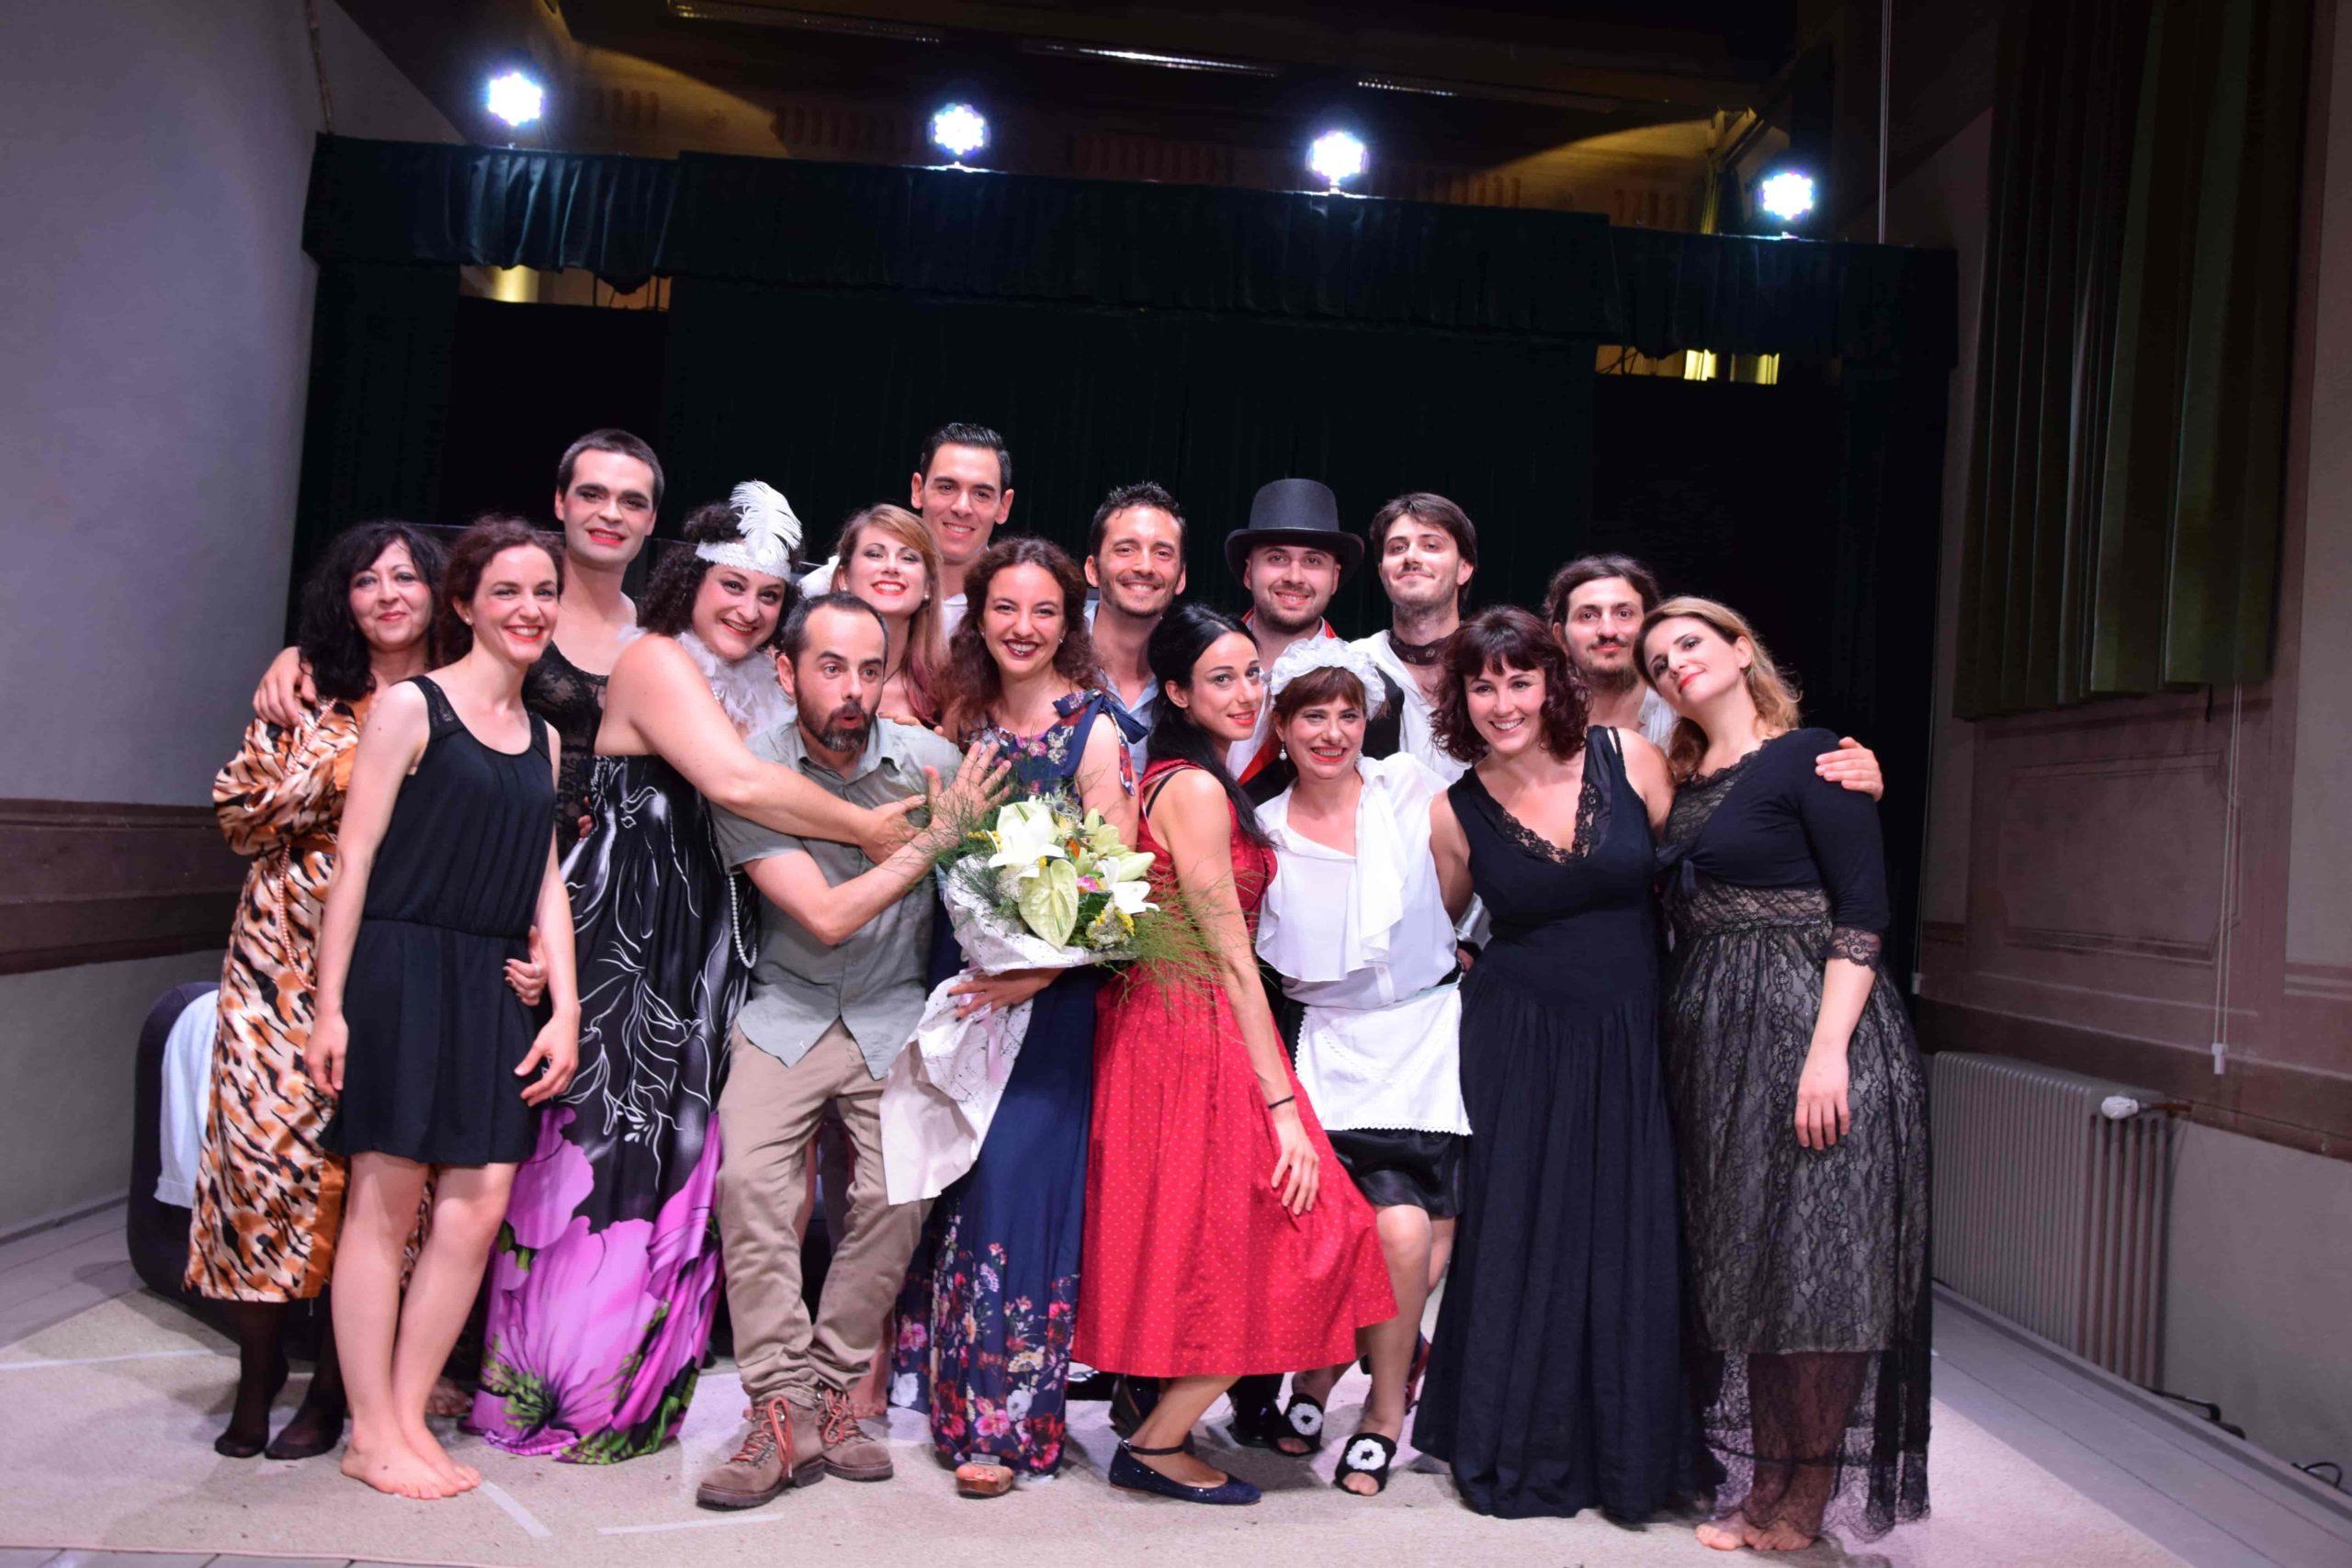 Foto di gruppo del corso di teatro DiverTeatro